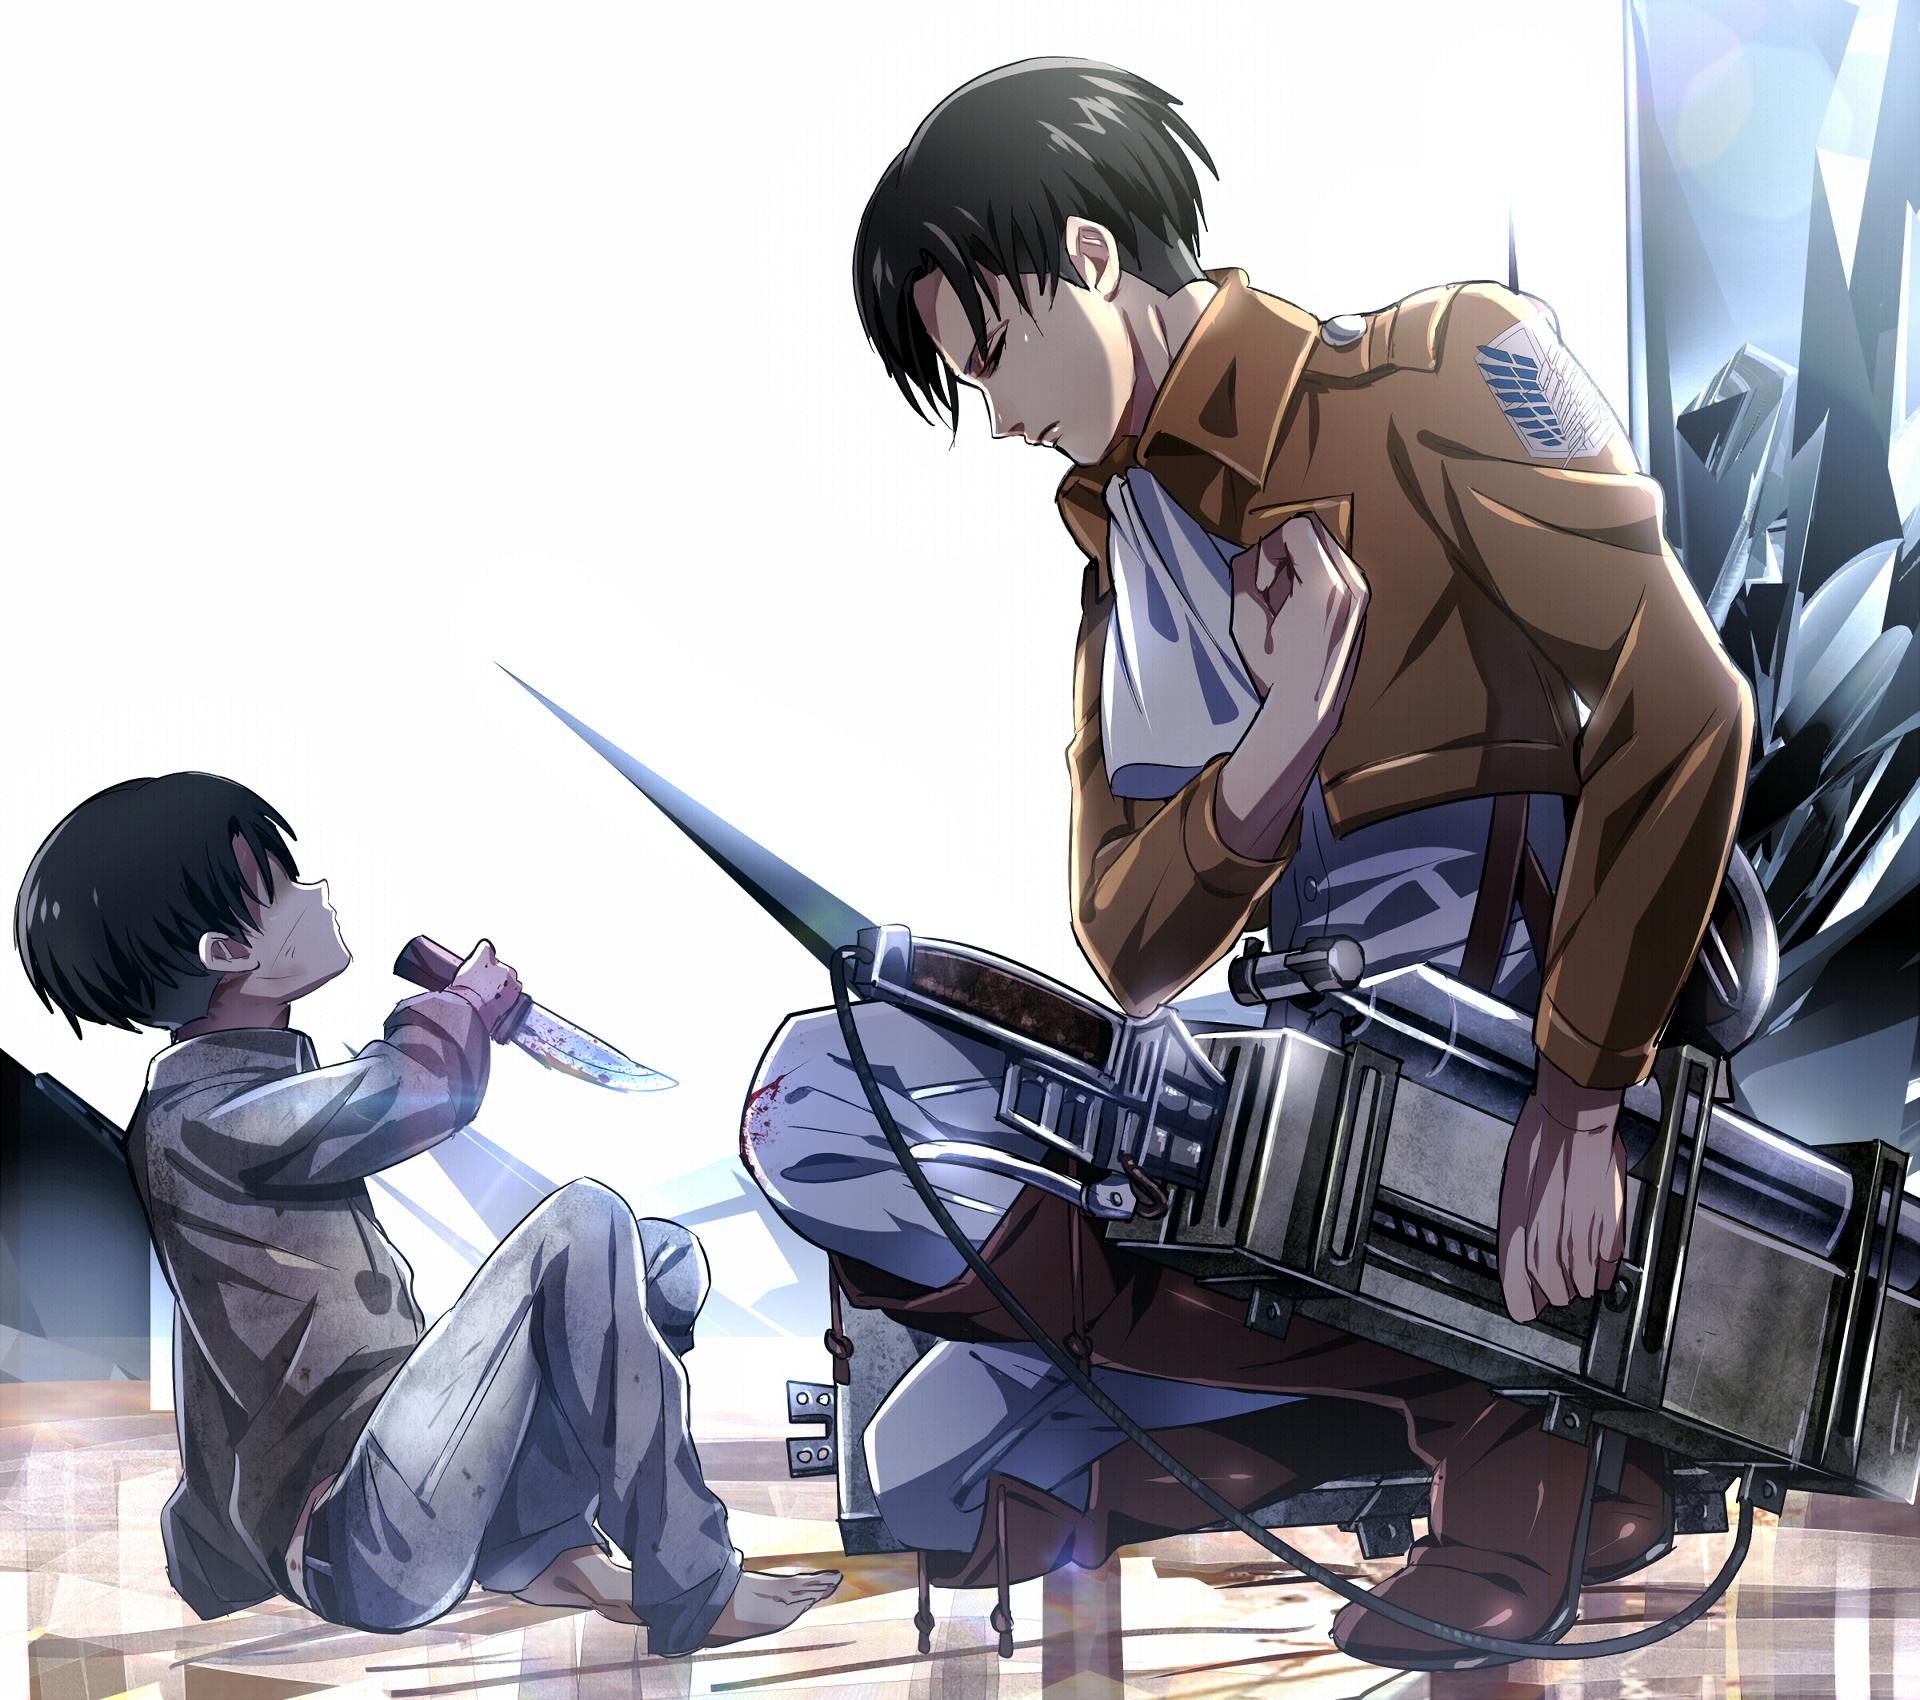 Levi Attack On Titan Fanart - HD Wallpaper